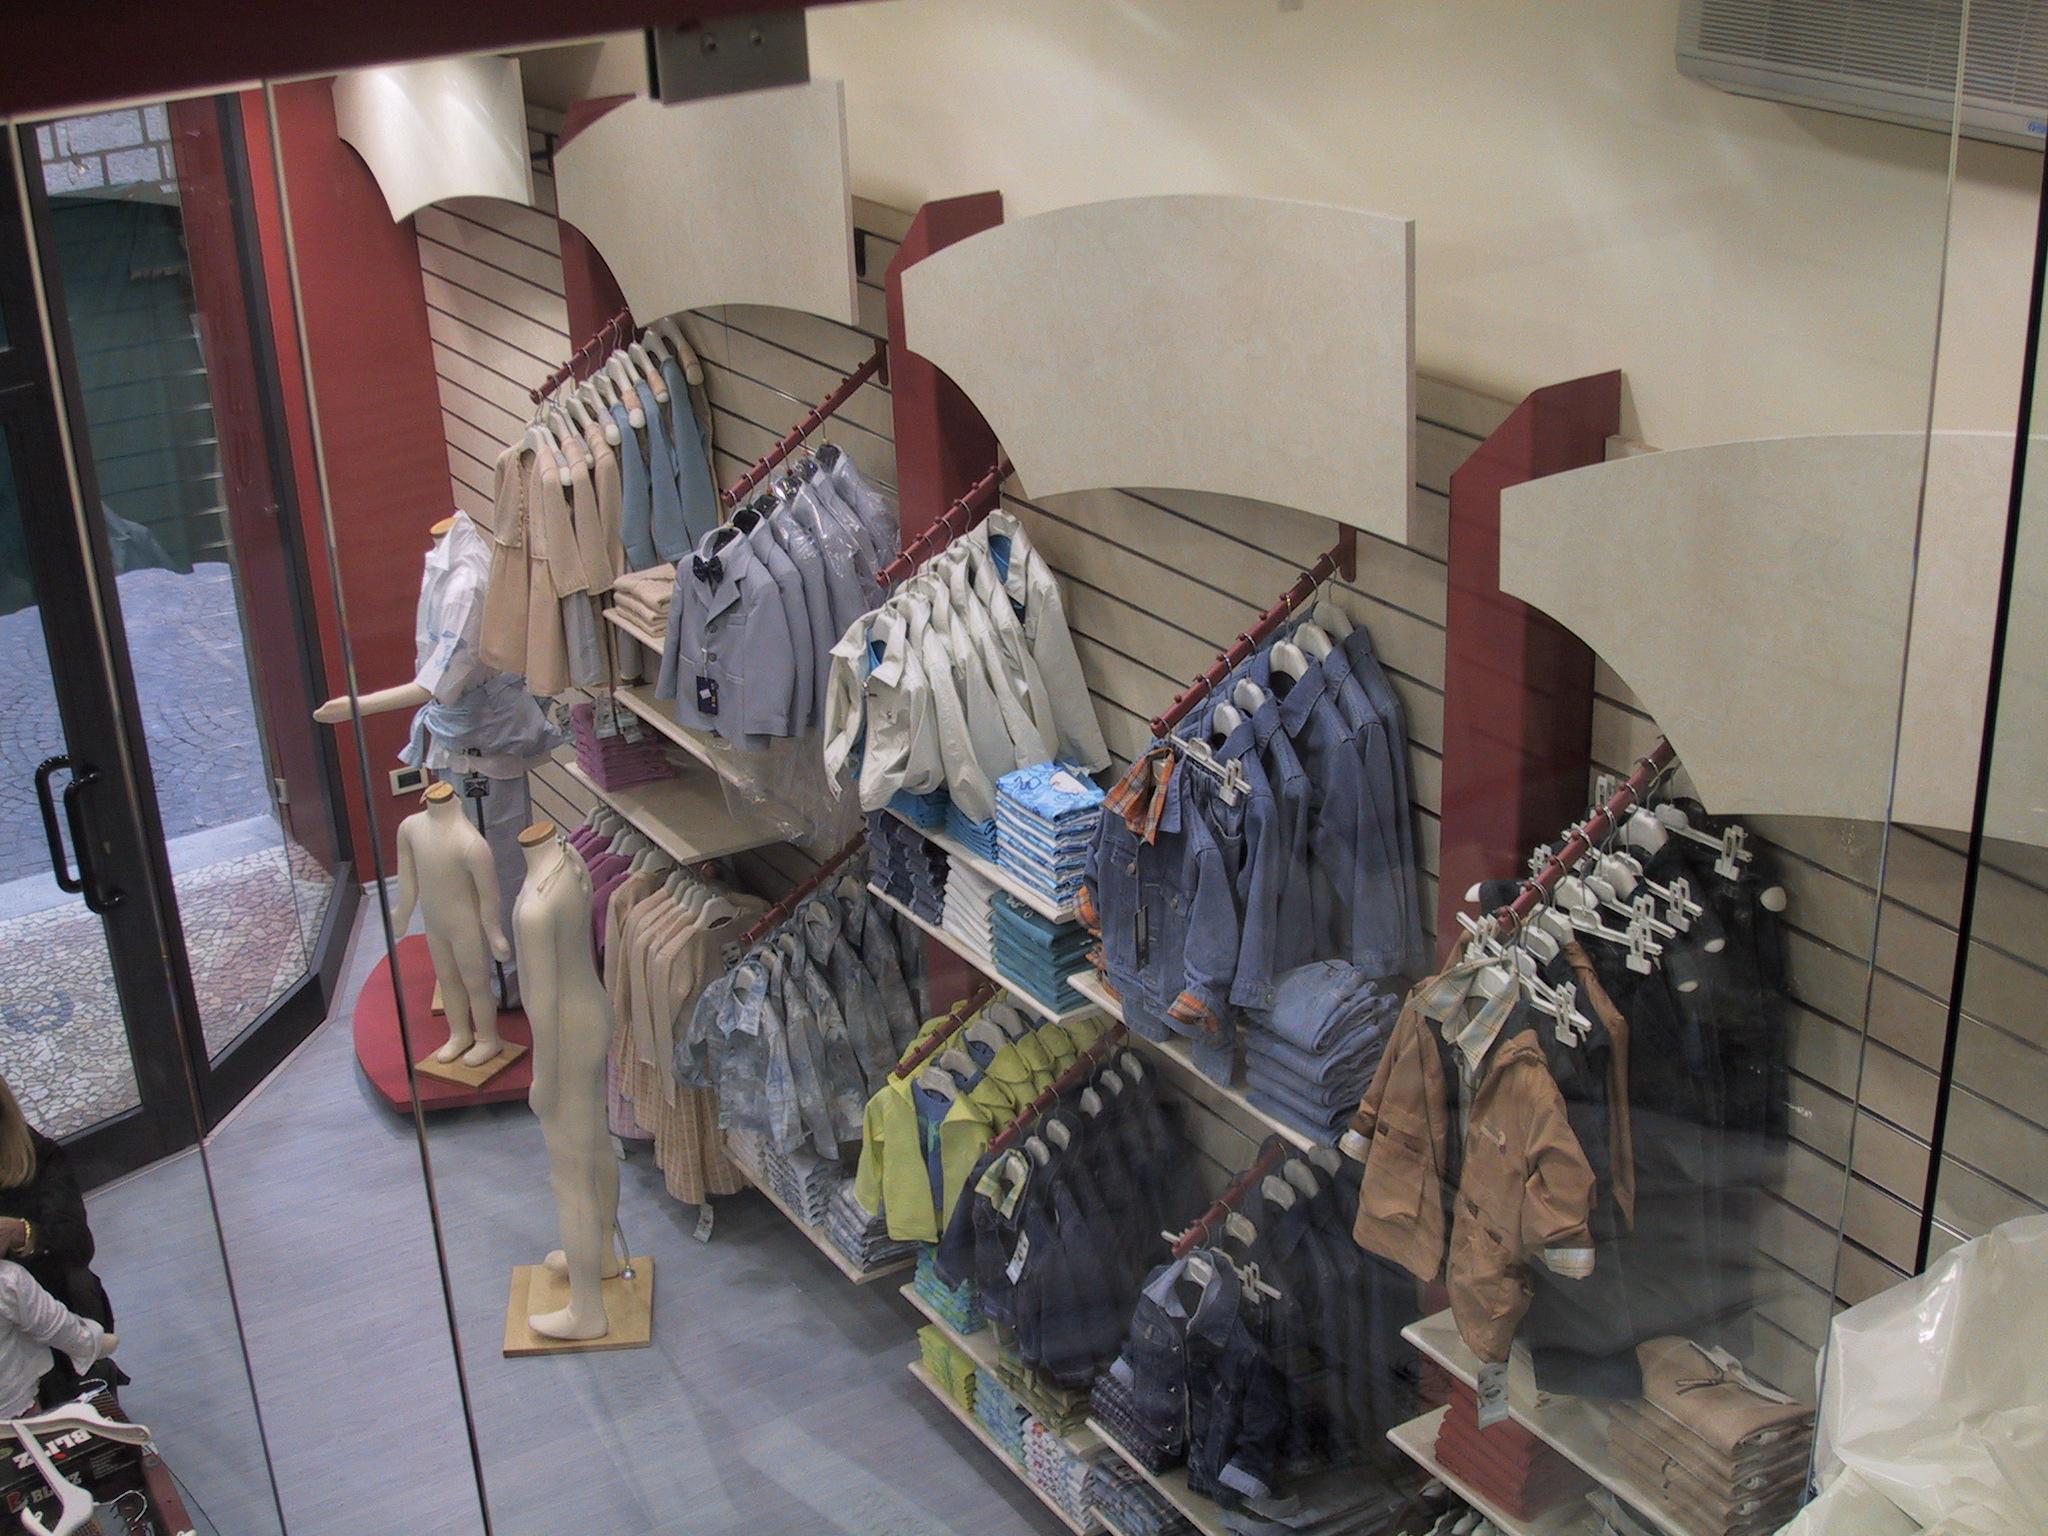 ... . negozio abbigliamento bambino arredamento negozio abbigliamento